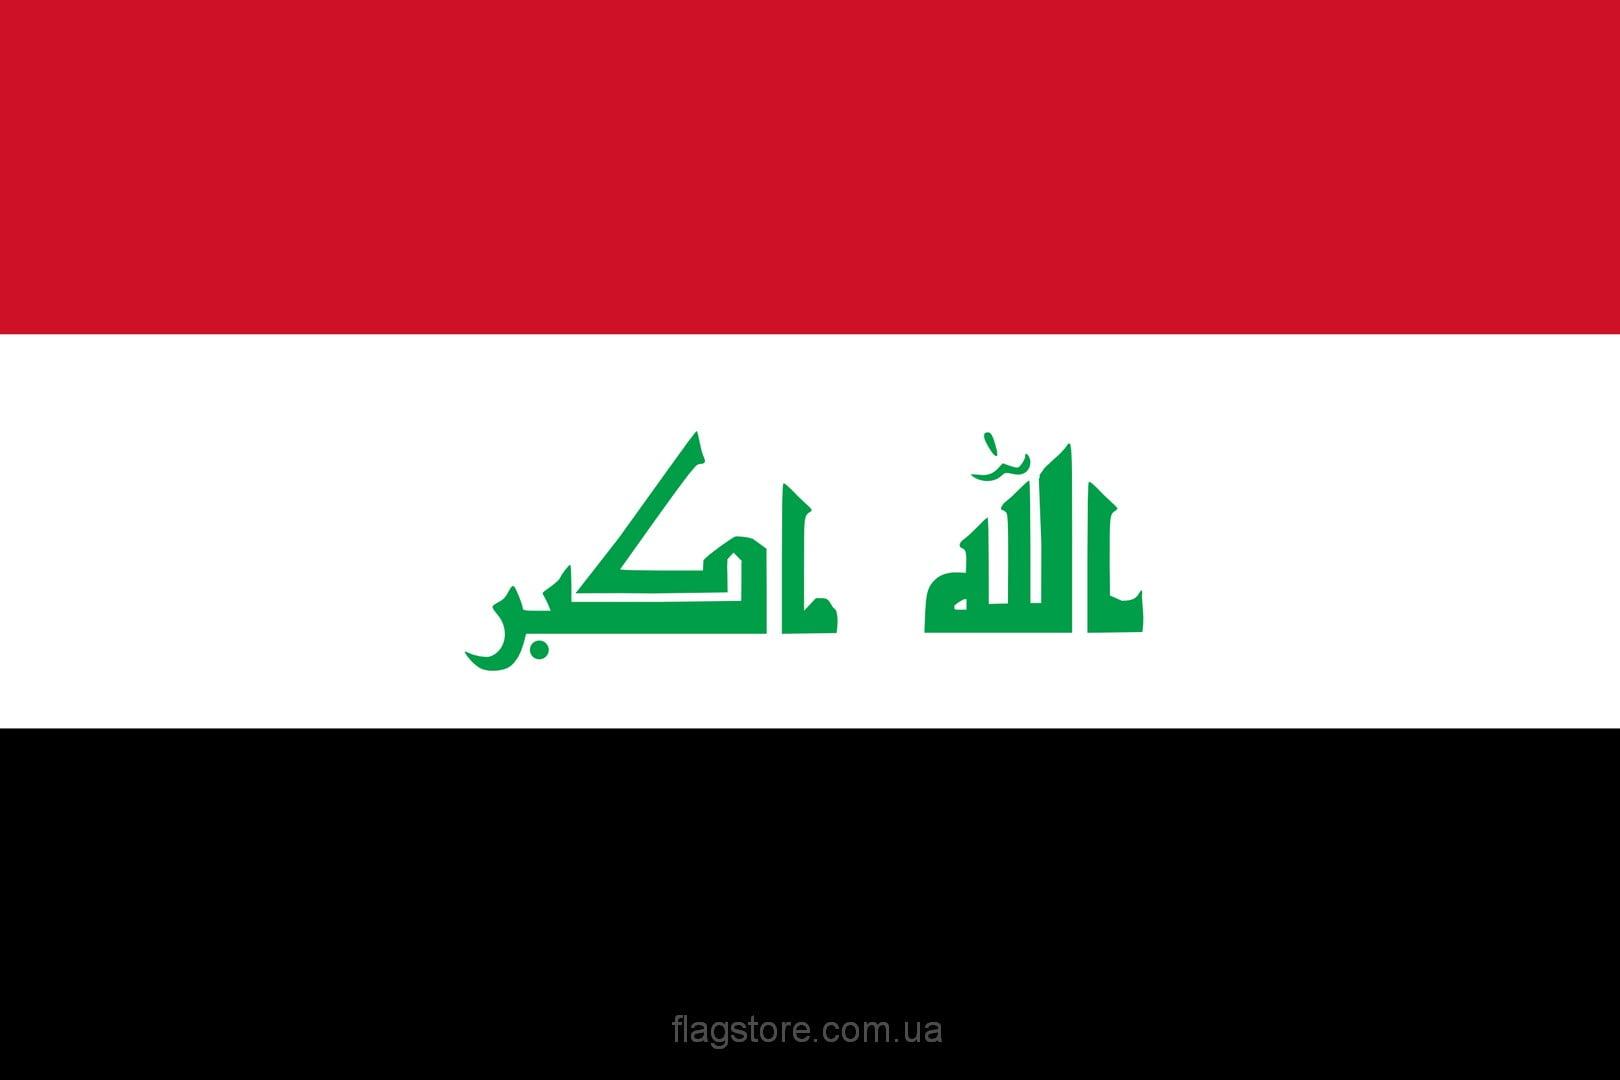 Купить флаг Ирака (страны Ирак)